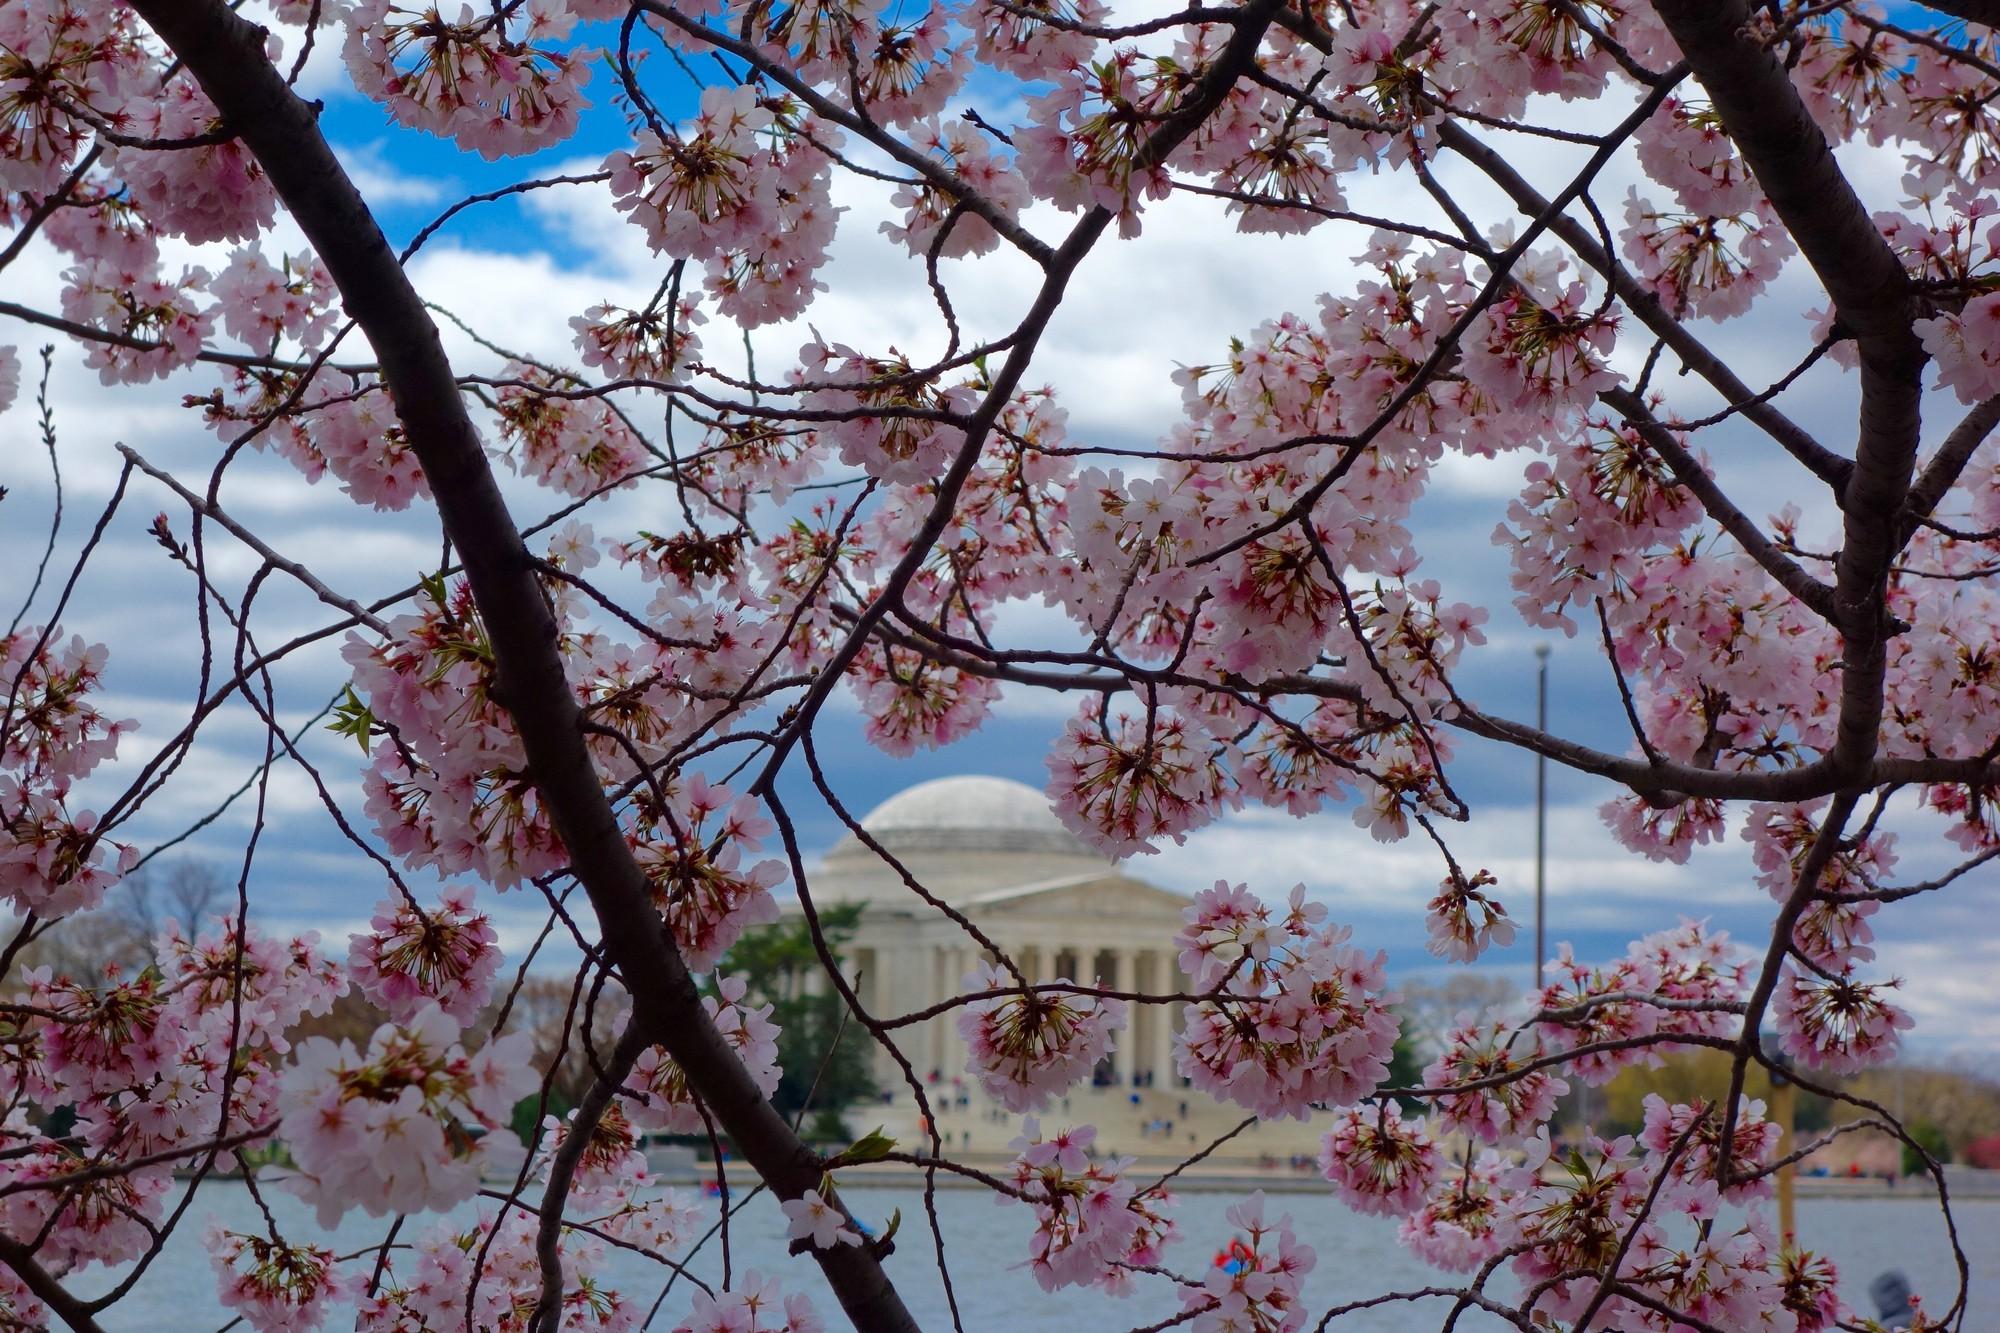 cherry blossom festival - 1024×683